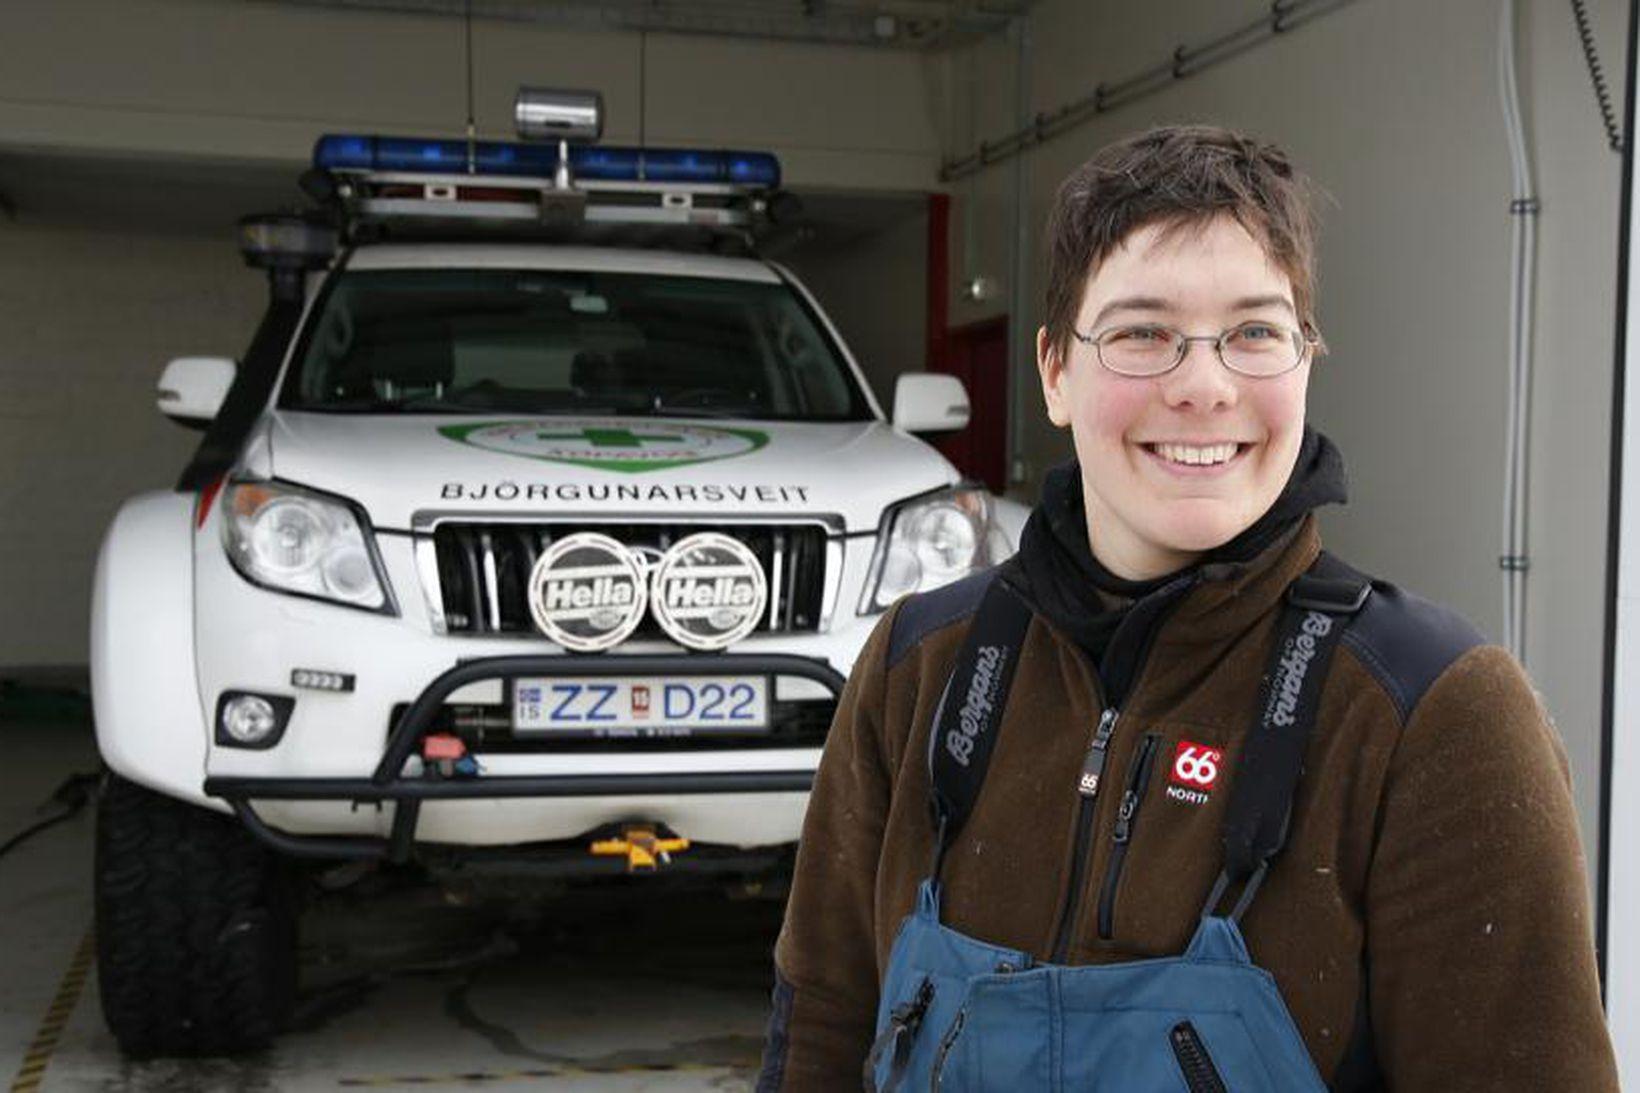 Kerstin Langenberger er komin til höfuðborgarsvæðisins.